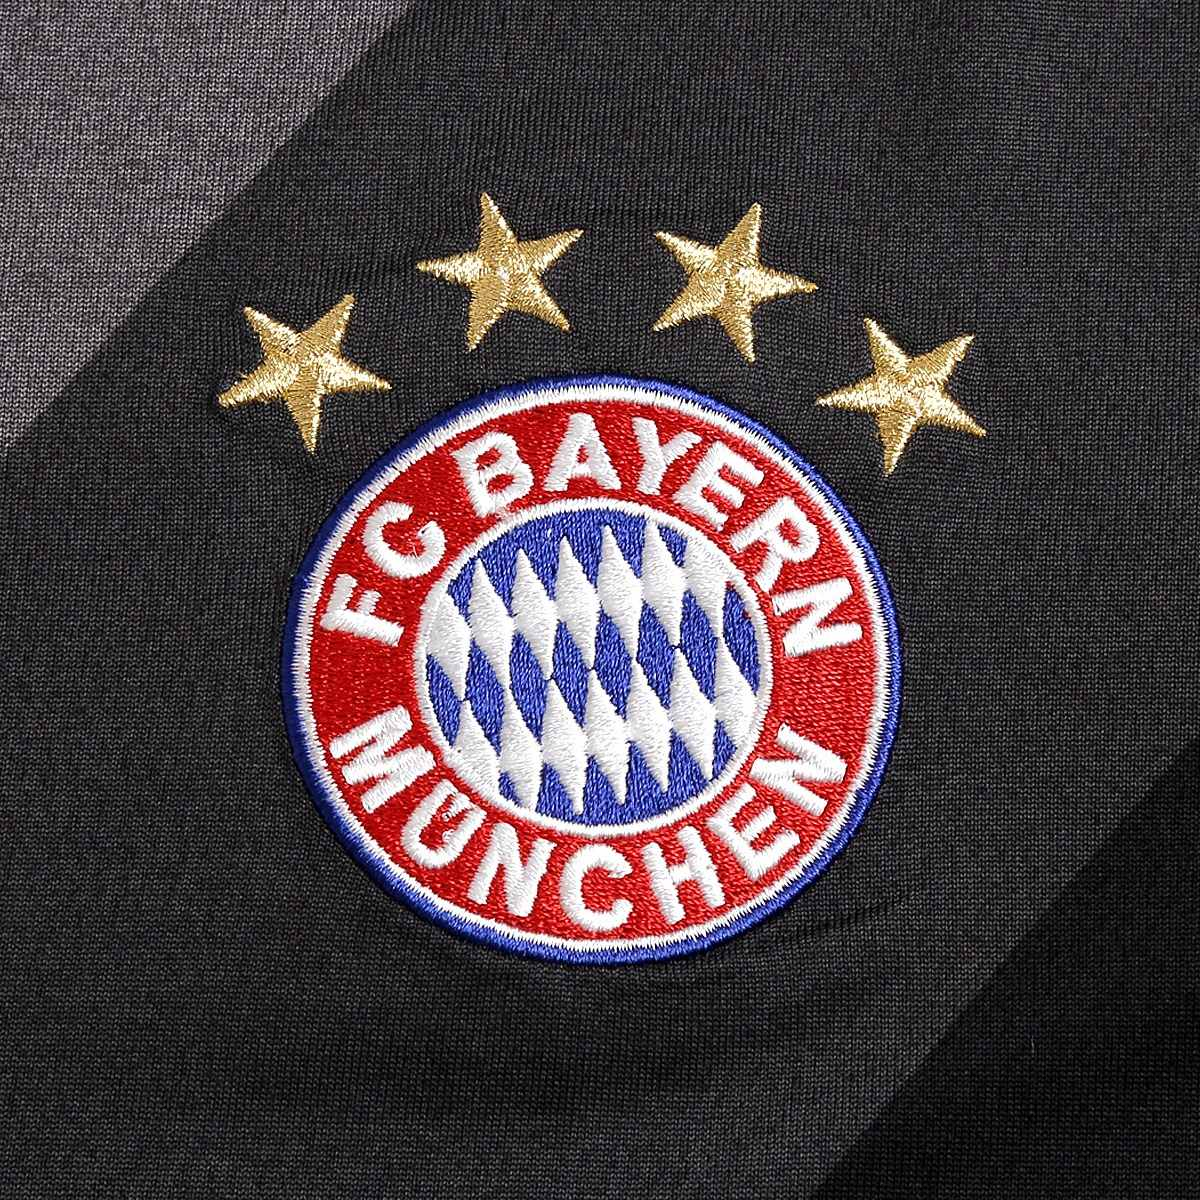 Camisa Do Bayern De Munique Vermelha Branca Preta Futebol - R  99 b9e40486733be